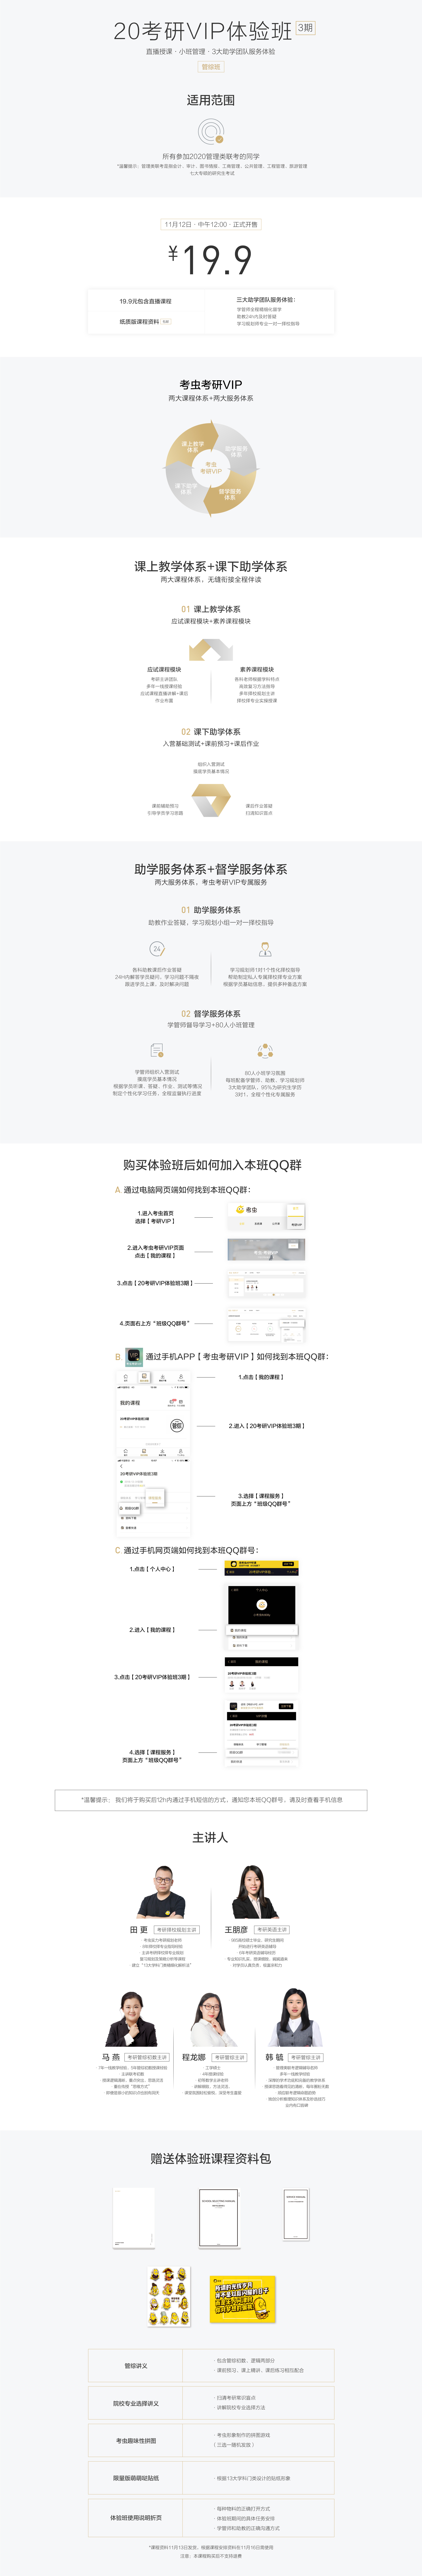 1管综web-100.jpg